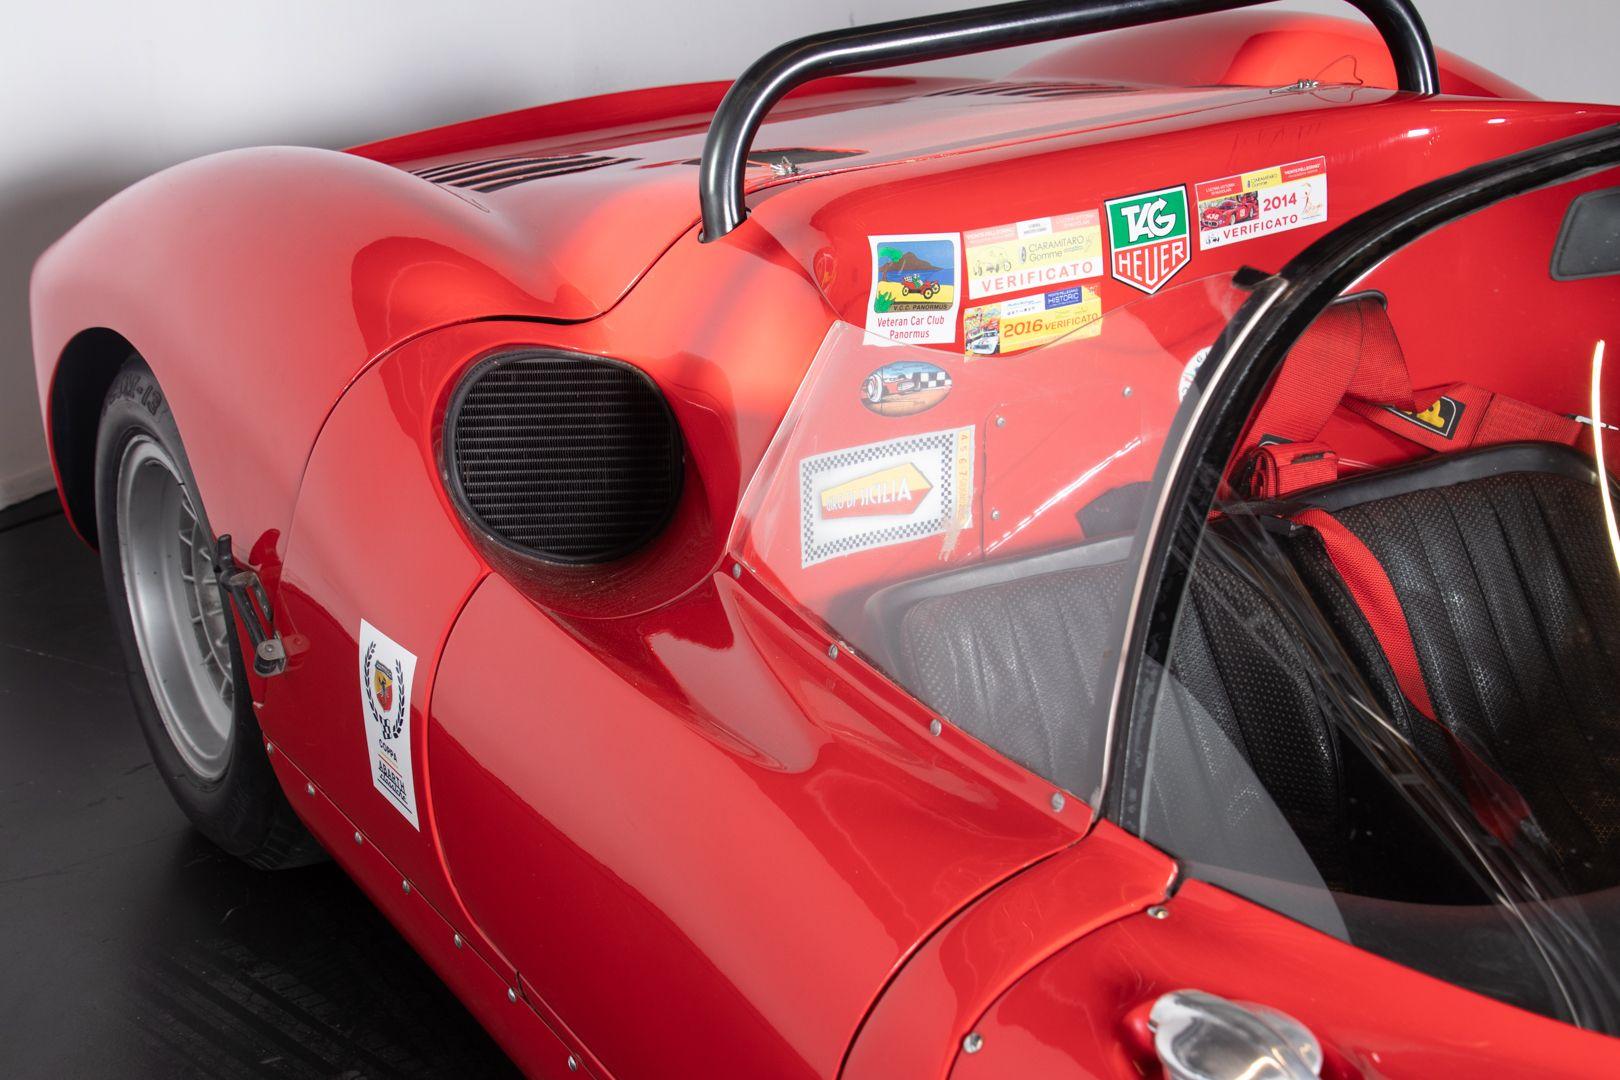 1968 Abarth 1000 SP sport prototipo 23576